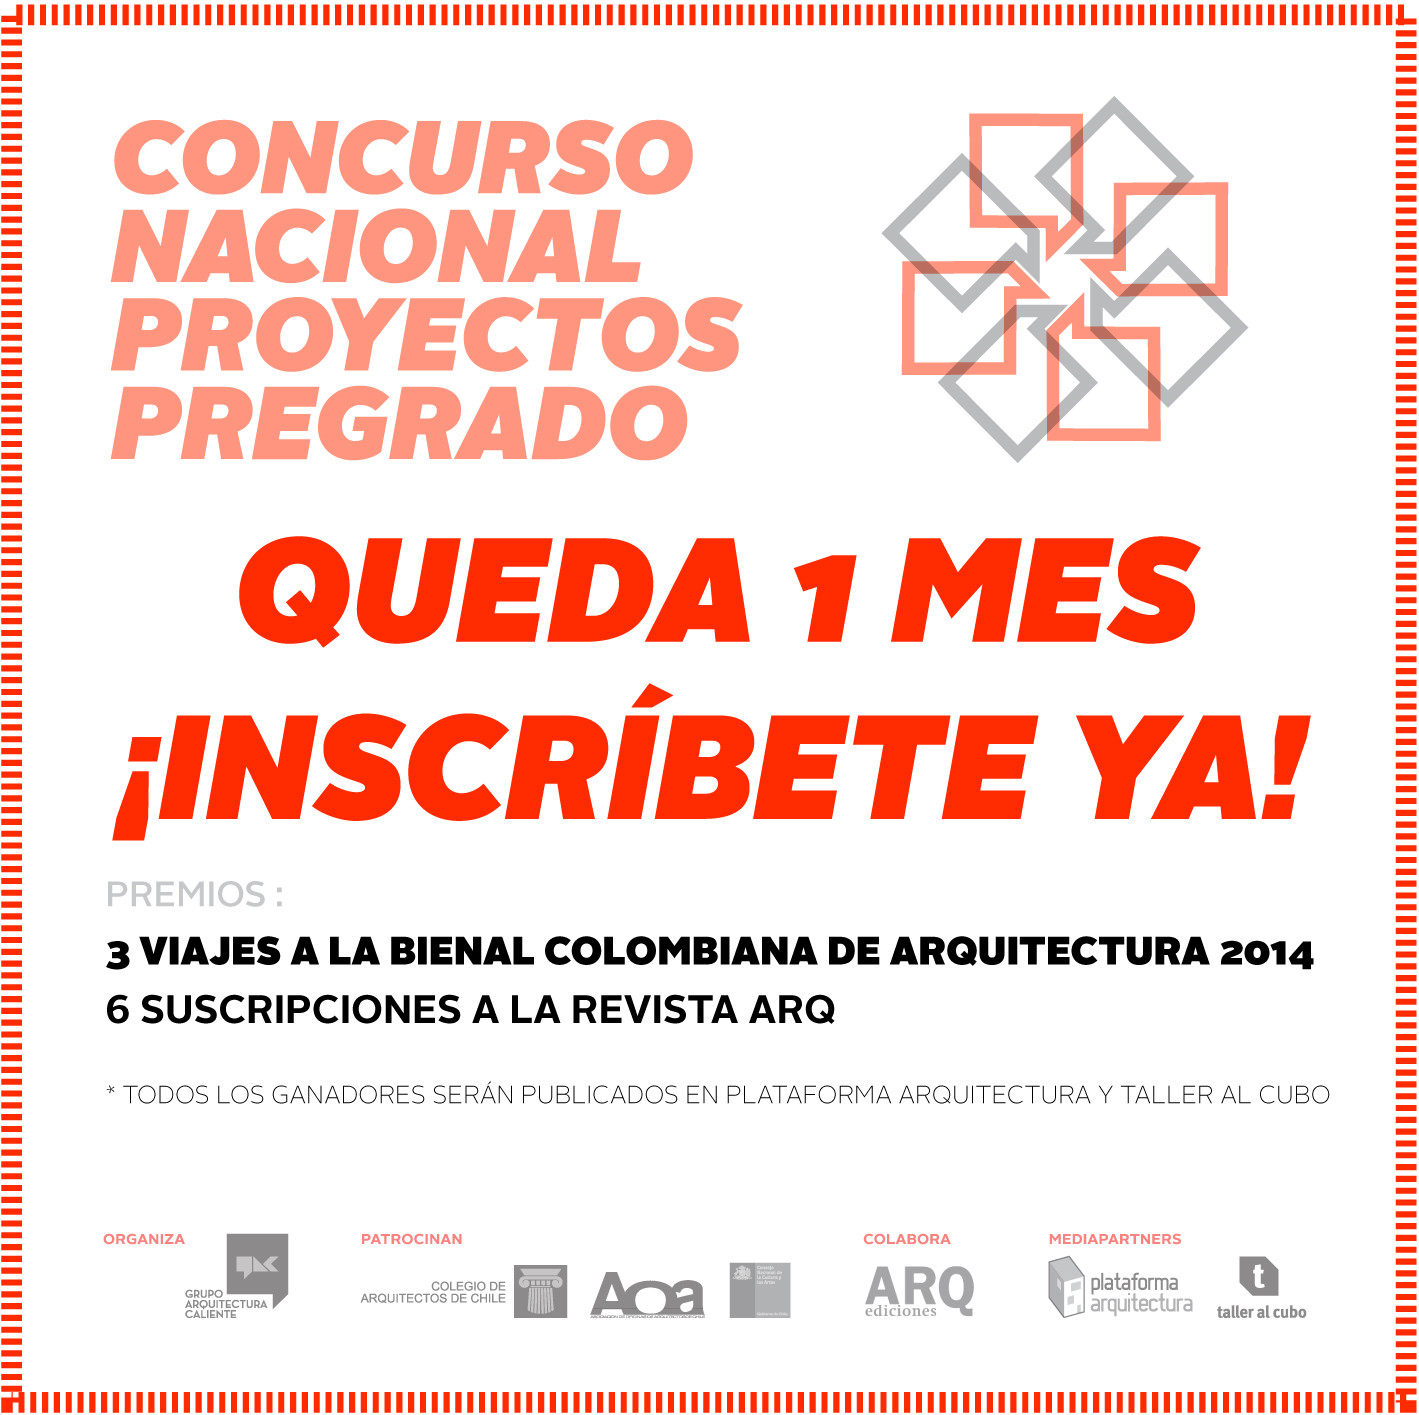 Un mes para inscribirte en el Concurso Nacional de Proyectos de Pregrado / Chile, Courtesy of Arquitectura Caliente